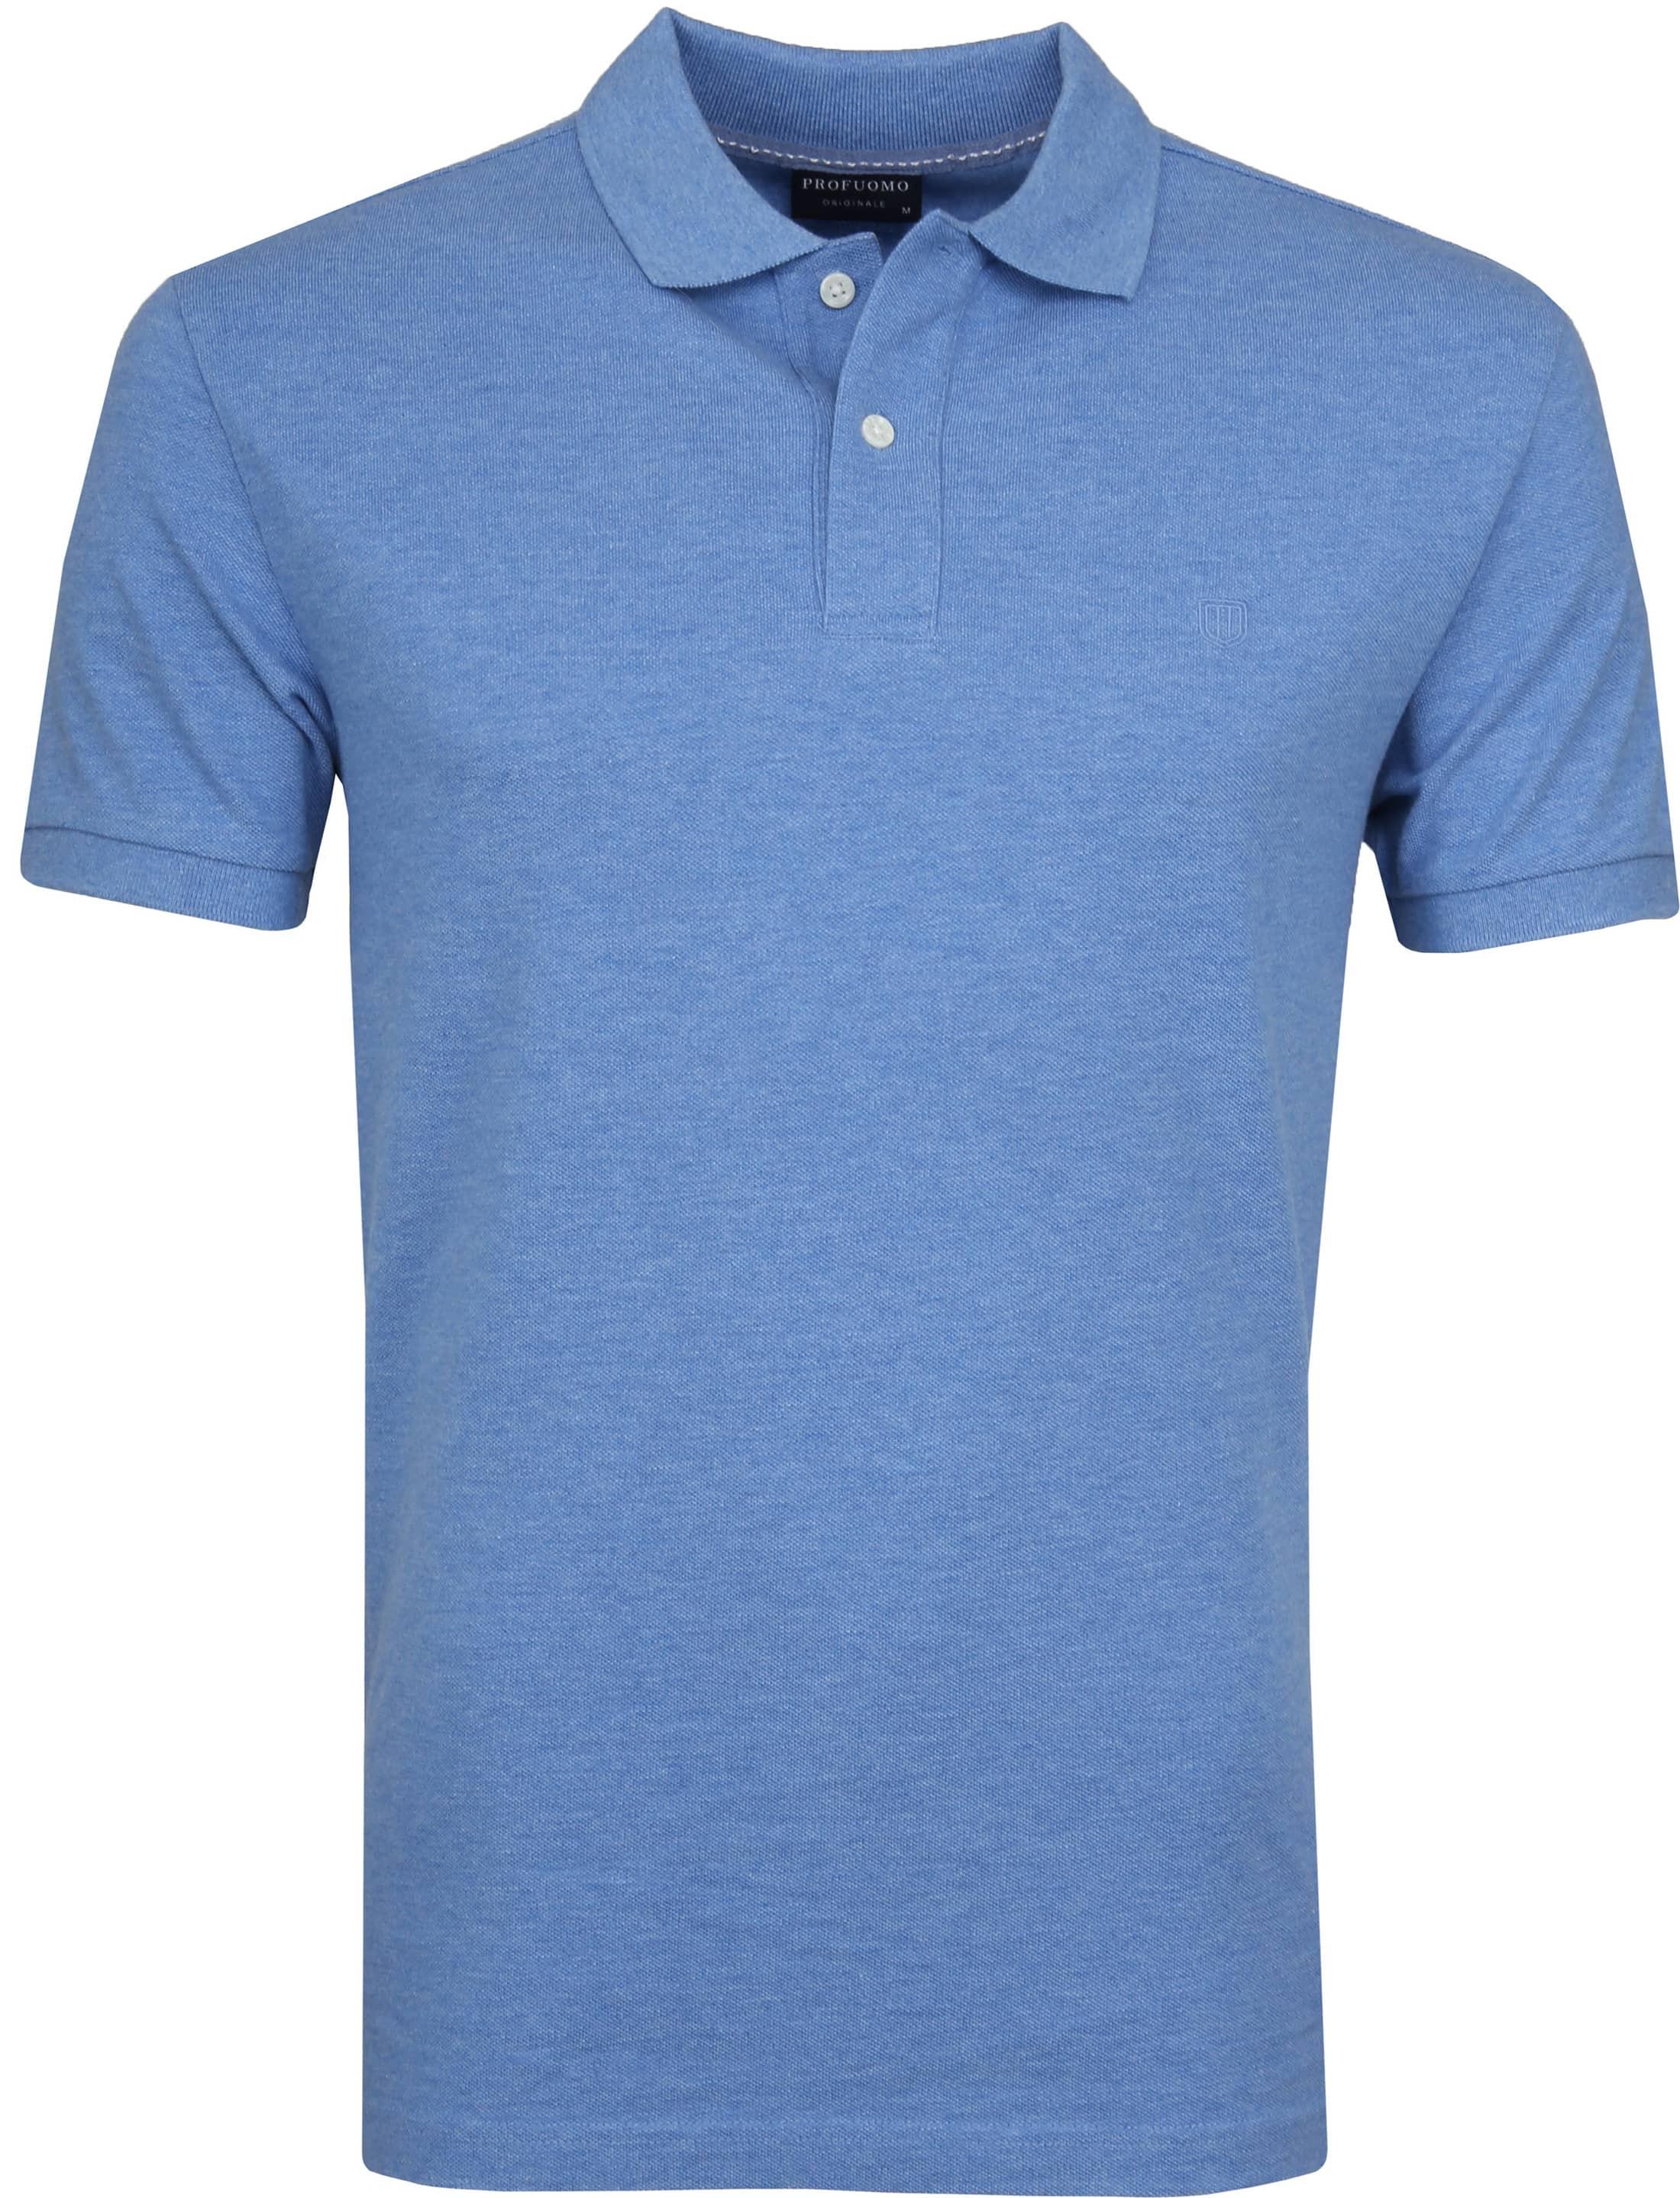 Profuomo Short Sleeve Poloshirt Blau foto 0